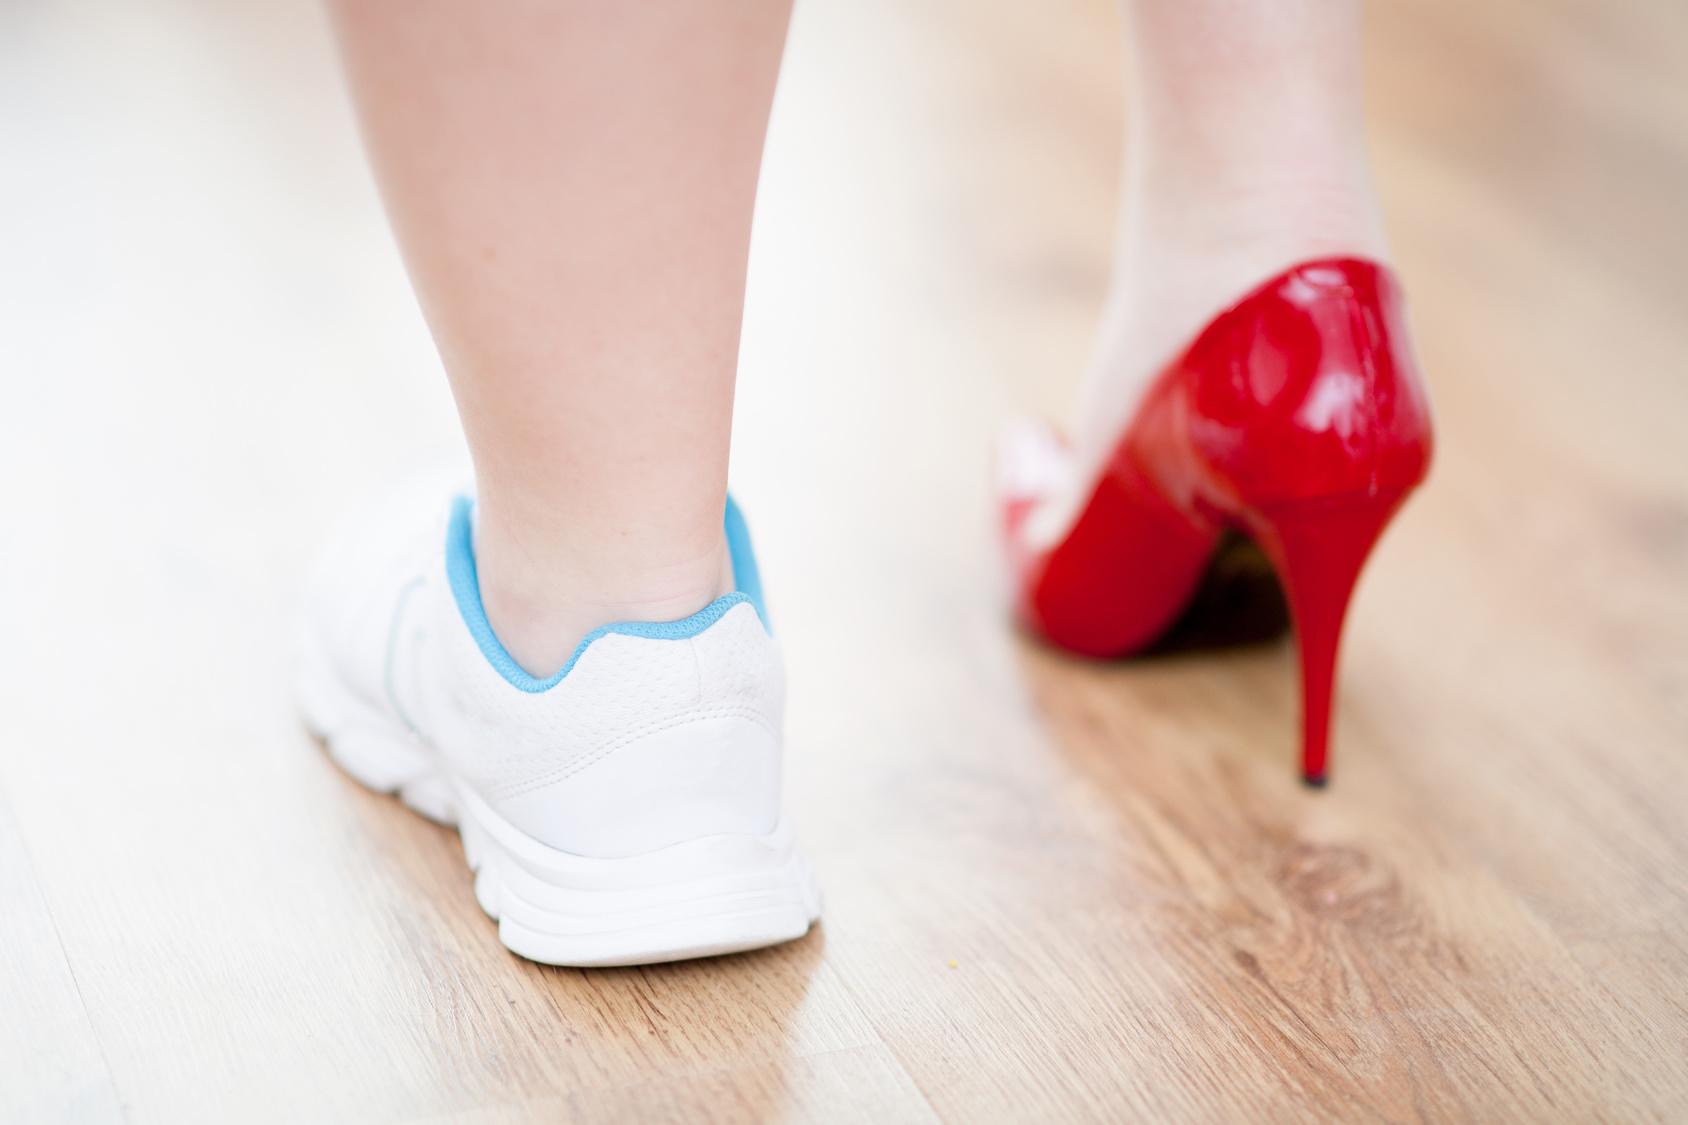 Salto alto: entenda por que seu uso pode atrapalhar corredoras - Foto: Obak/Fotolia